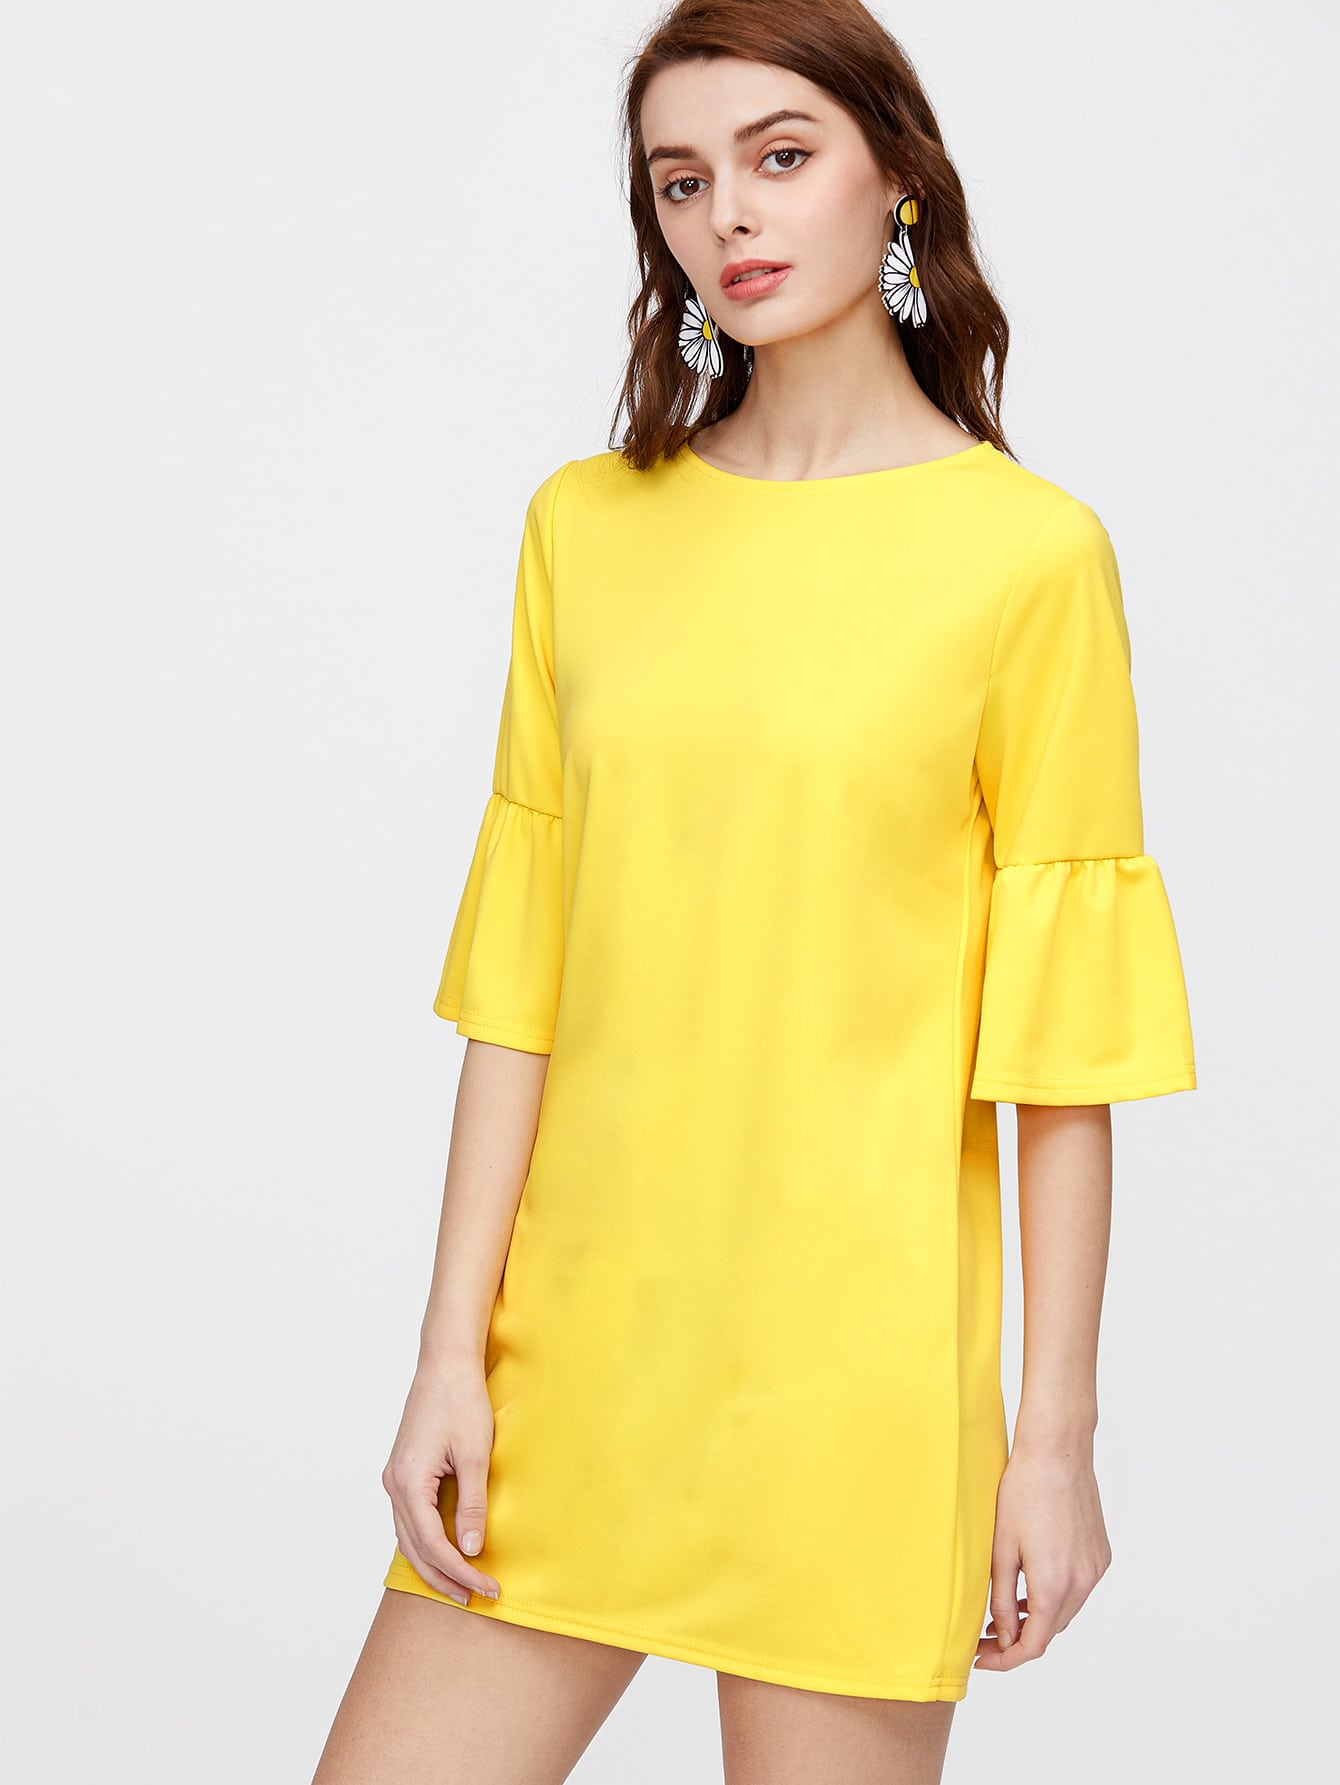 dress170315301_2